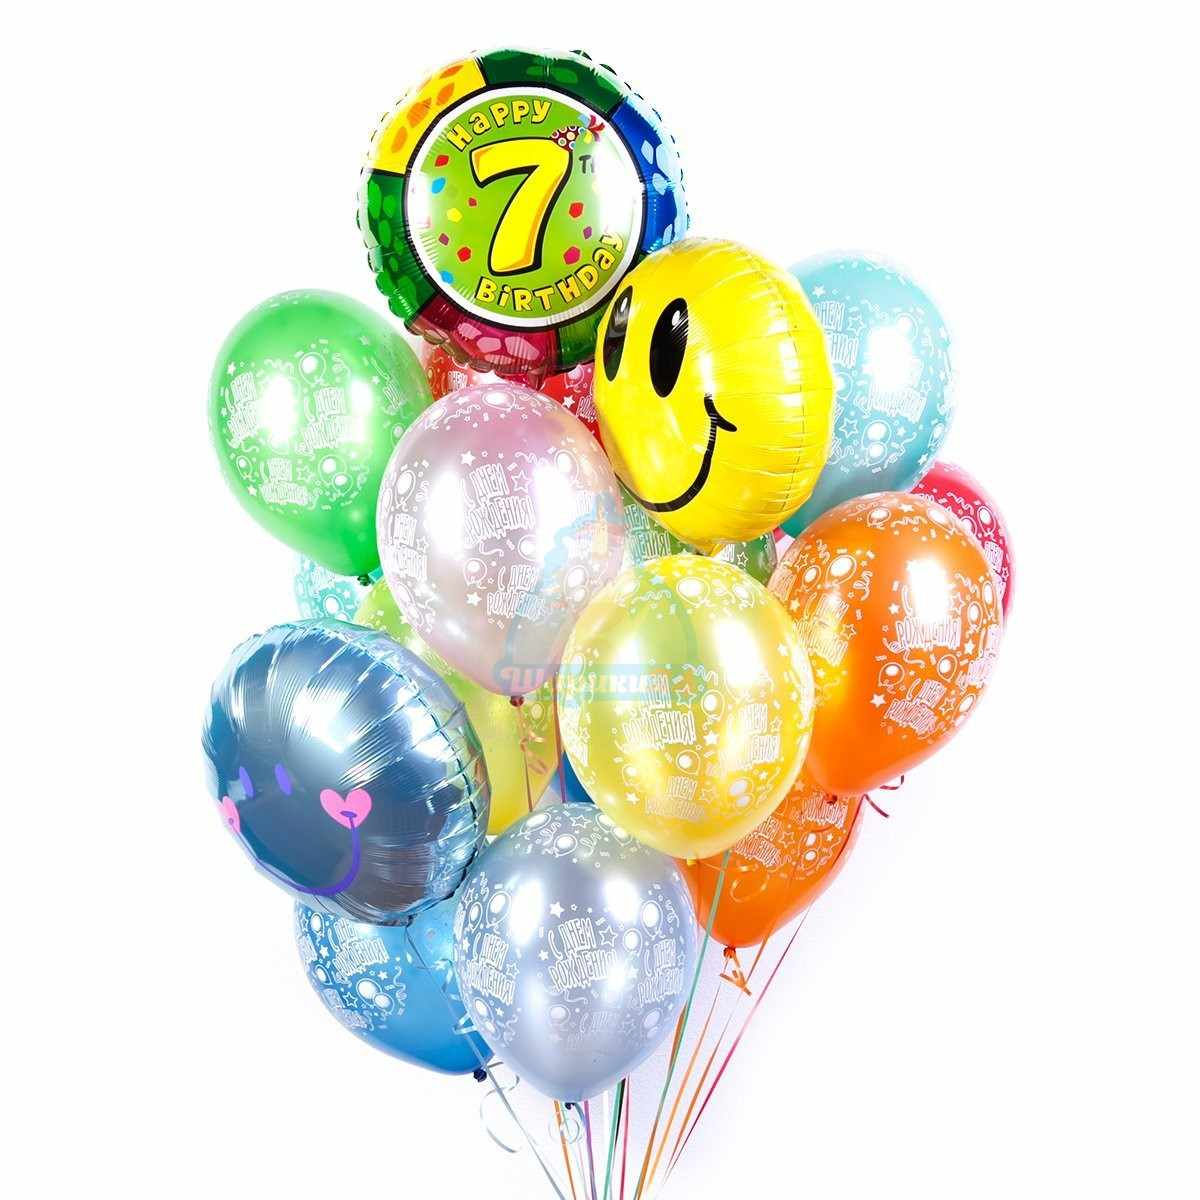 Букет шаров С днем рождения с цифрой и смайлами фото в интернет-магазине Шарики 24